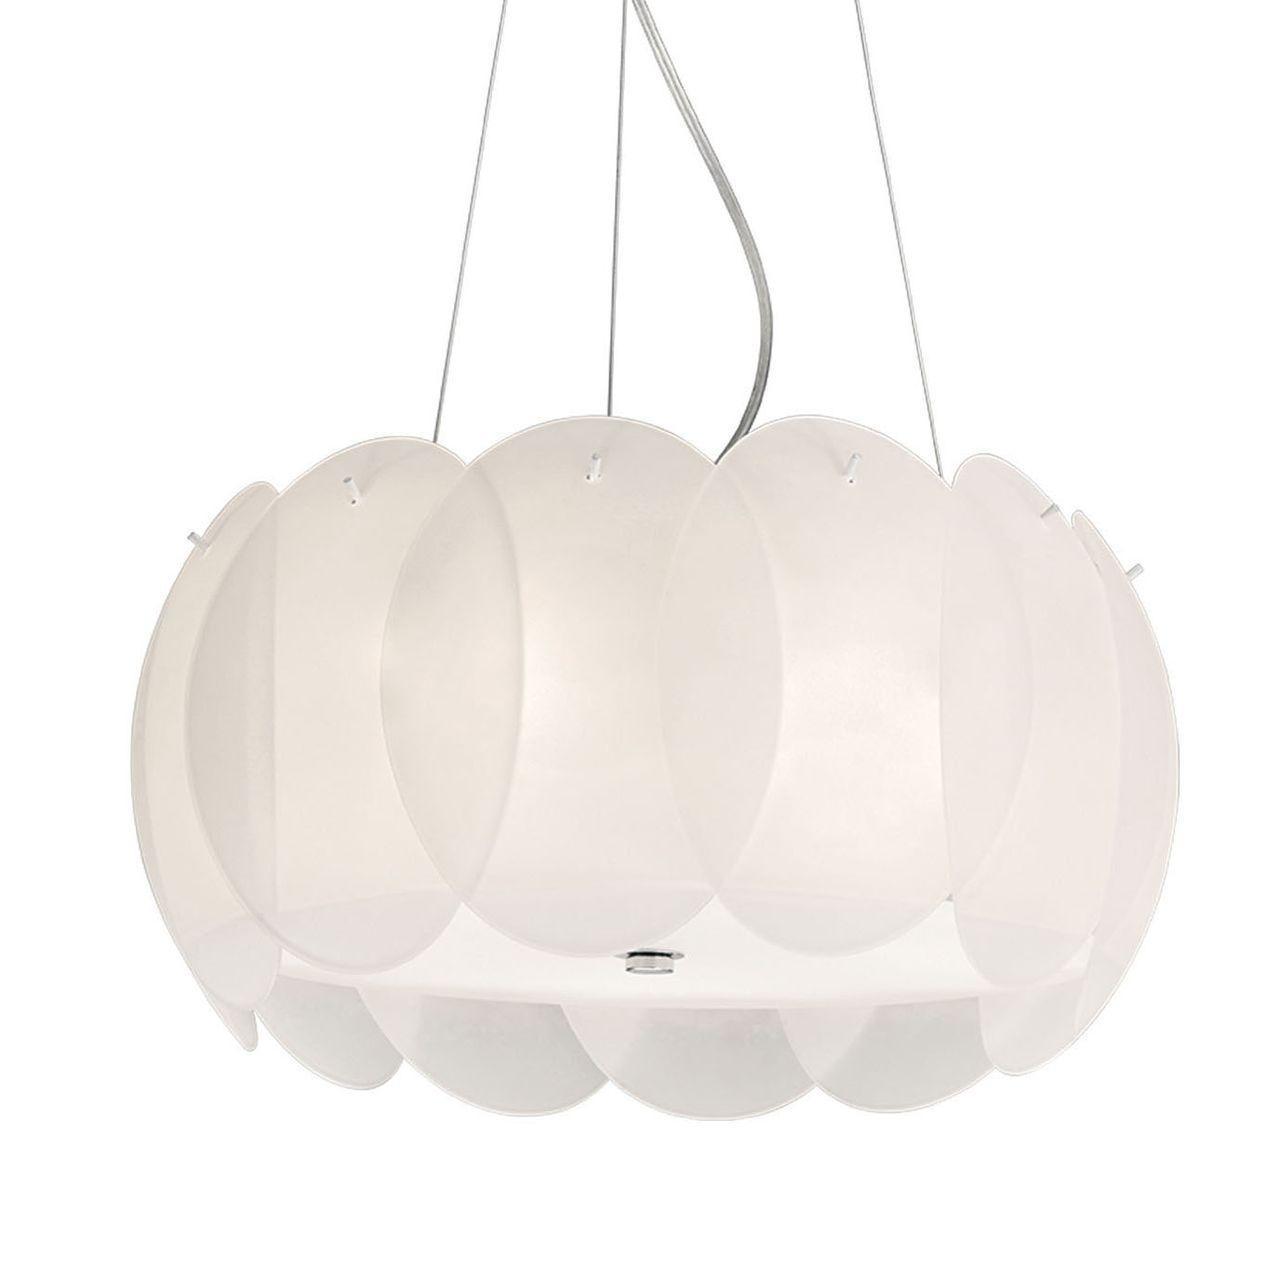 Подвесной светильник Ideal Lux Ovalino SP5 подвесной светильник ideal lux bar sp5